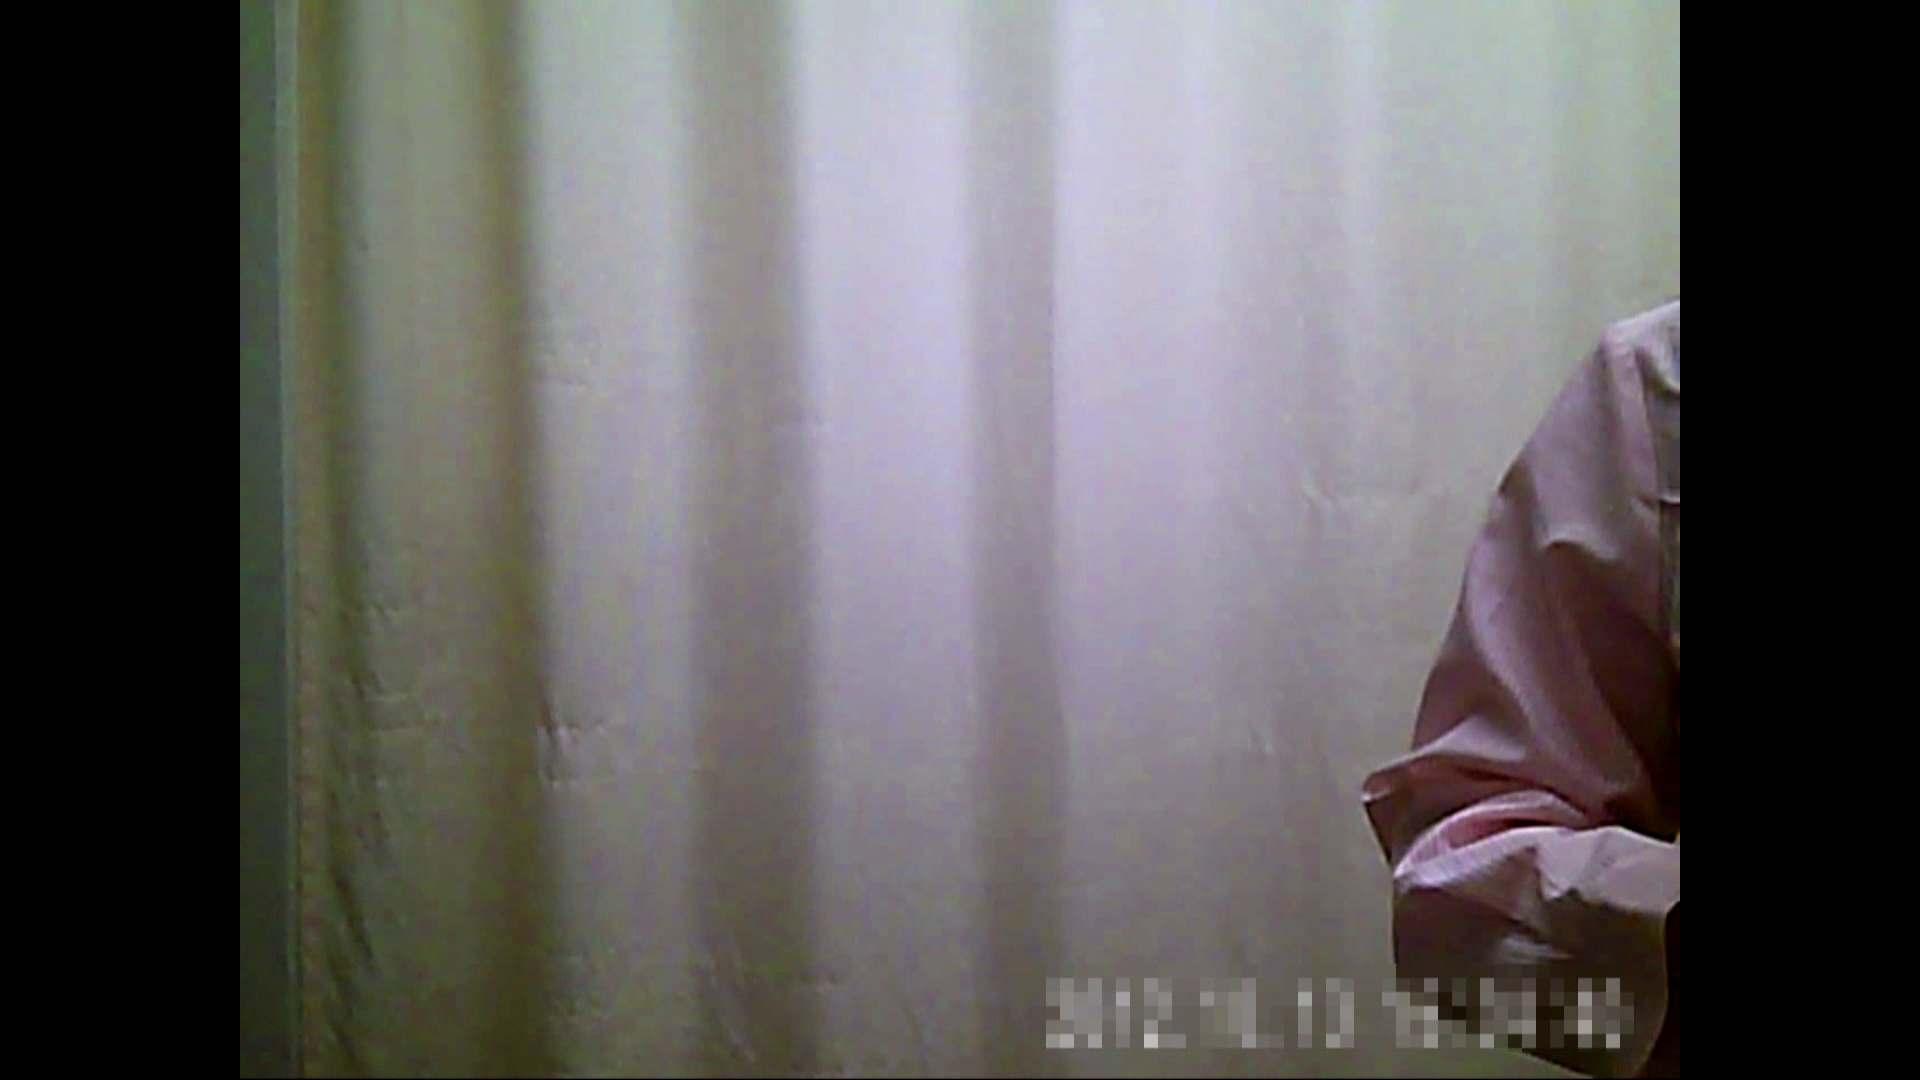 元医者による反抗 更衣室地獄絵巻 vol.059 お姉さん攻略 すけべAV動画紹介 77画像 77